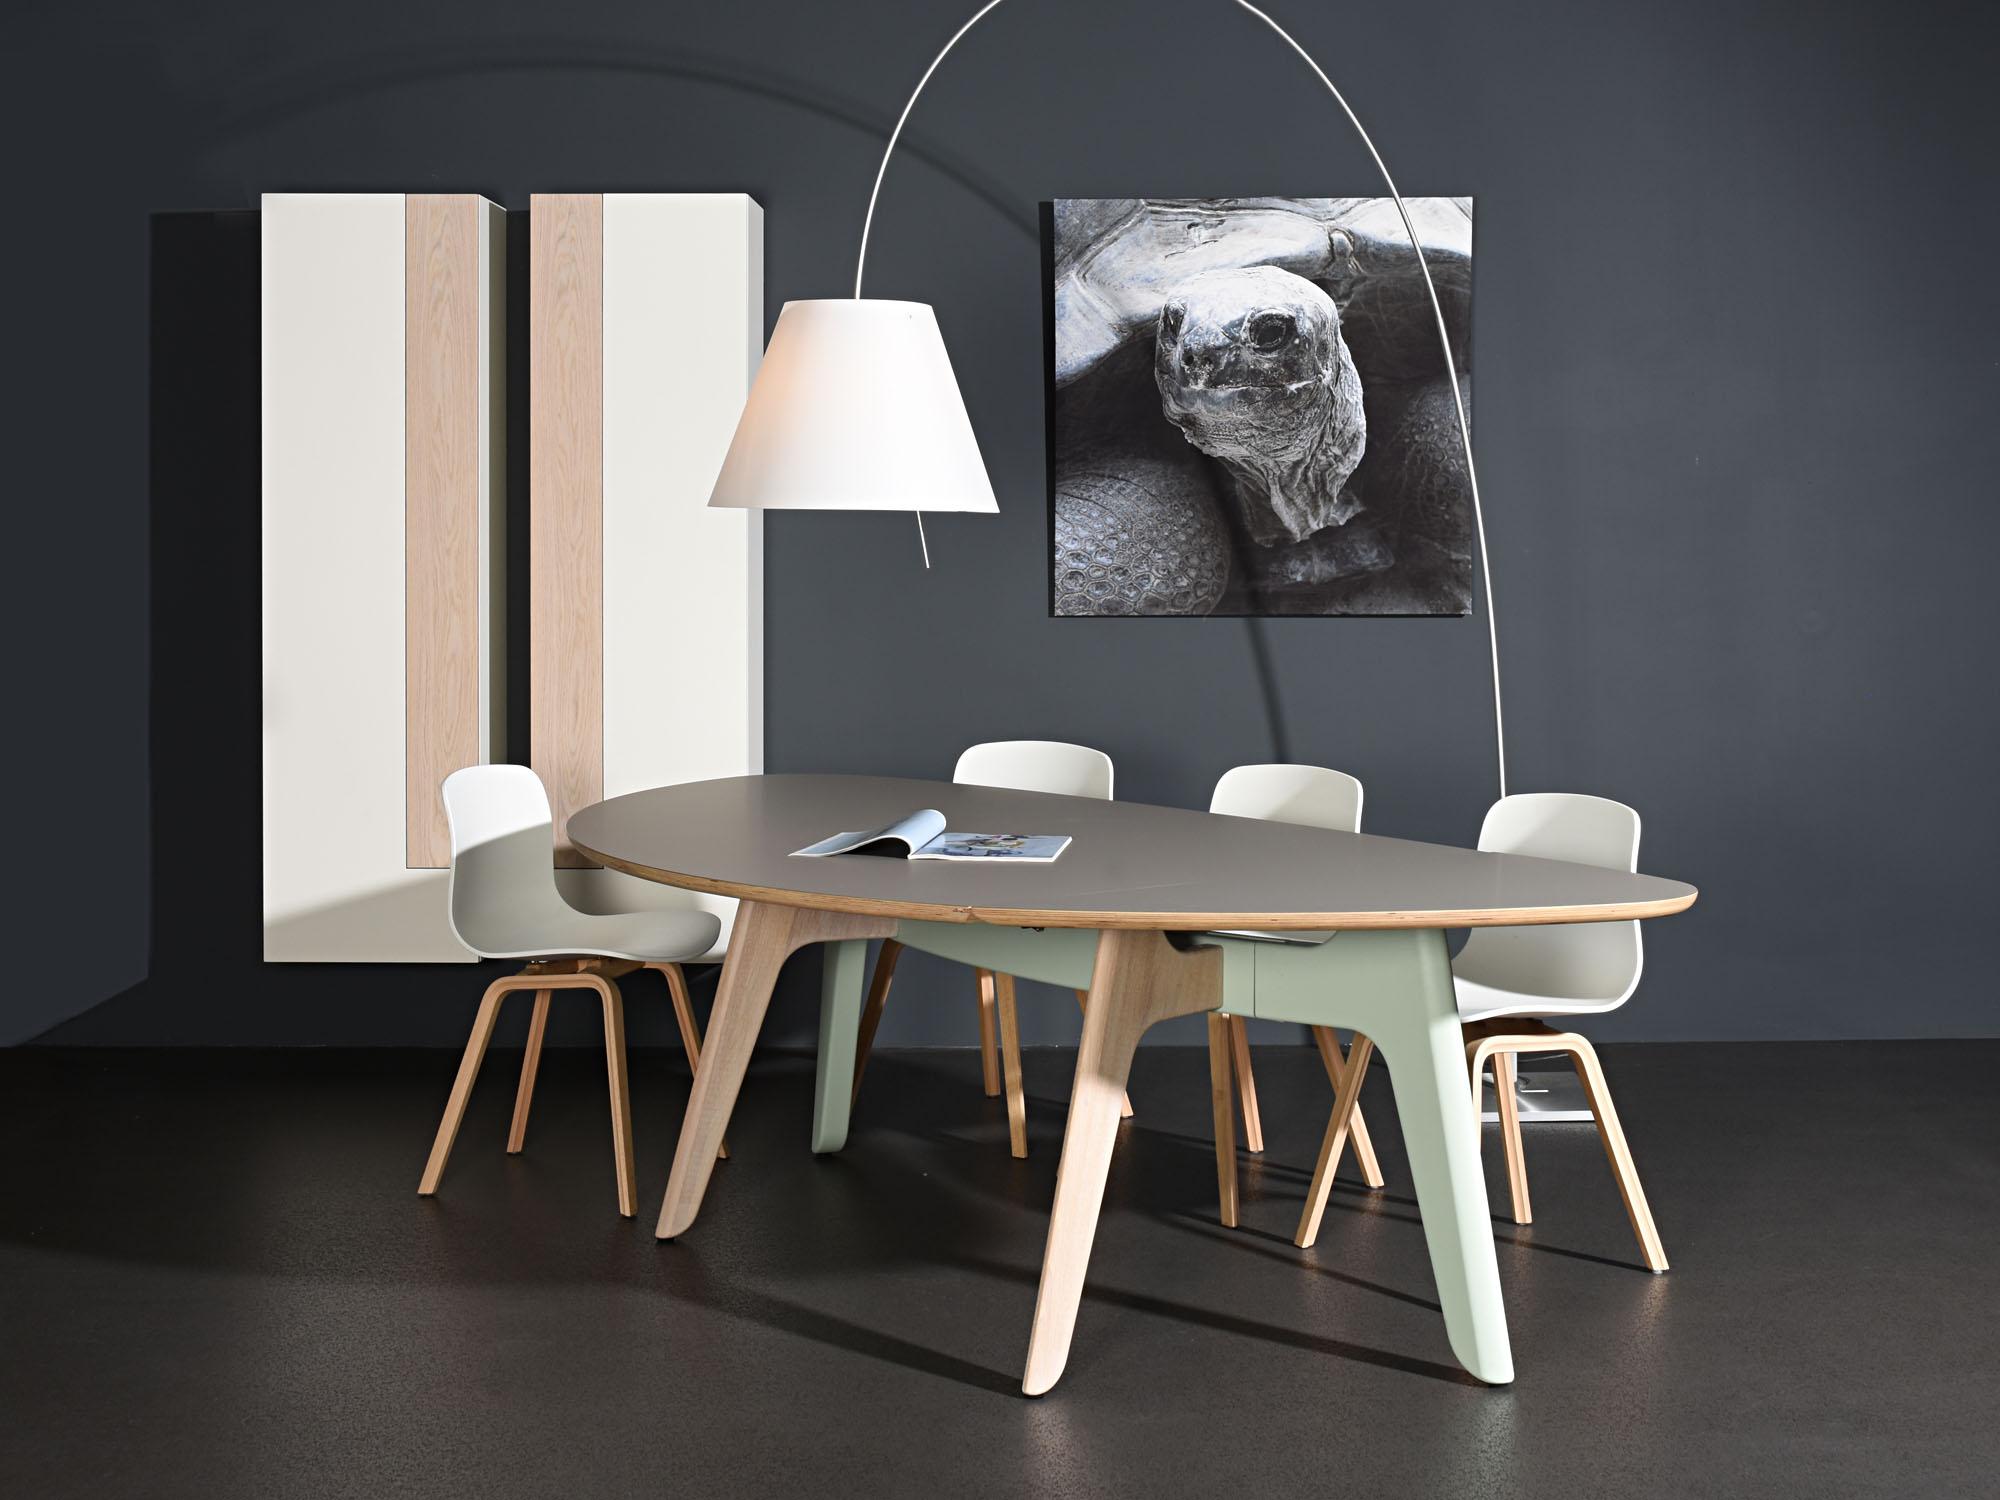 SOLO-torenkasten en FOLIANT-tafel, ontwerp door Castelijn Team en Dick Spierenburg